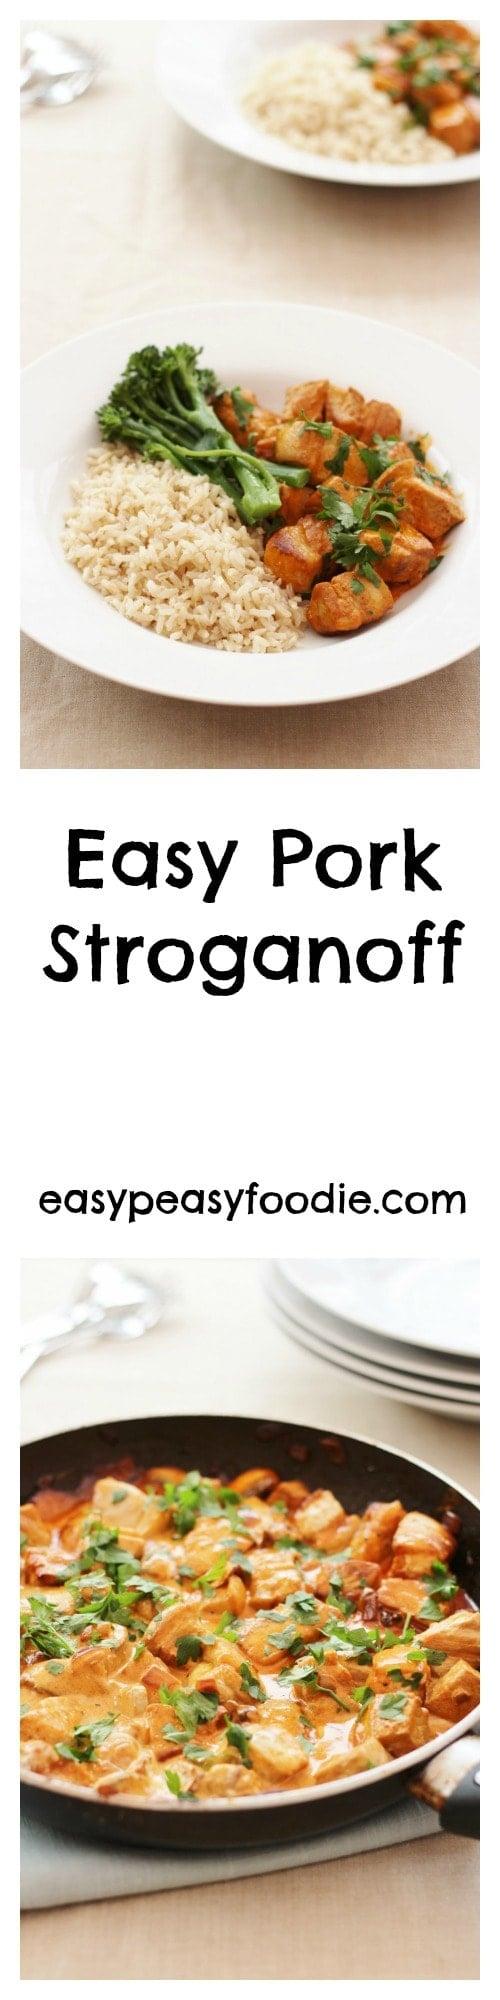 Easy Pork Stroganoff - pinnable image for Pinterest